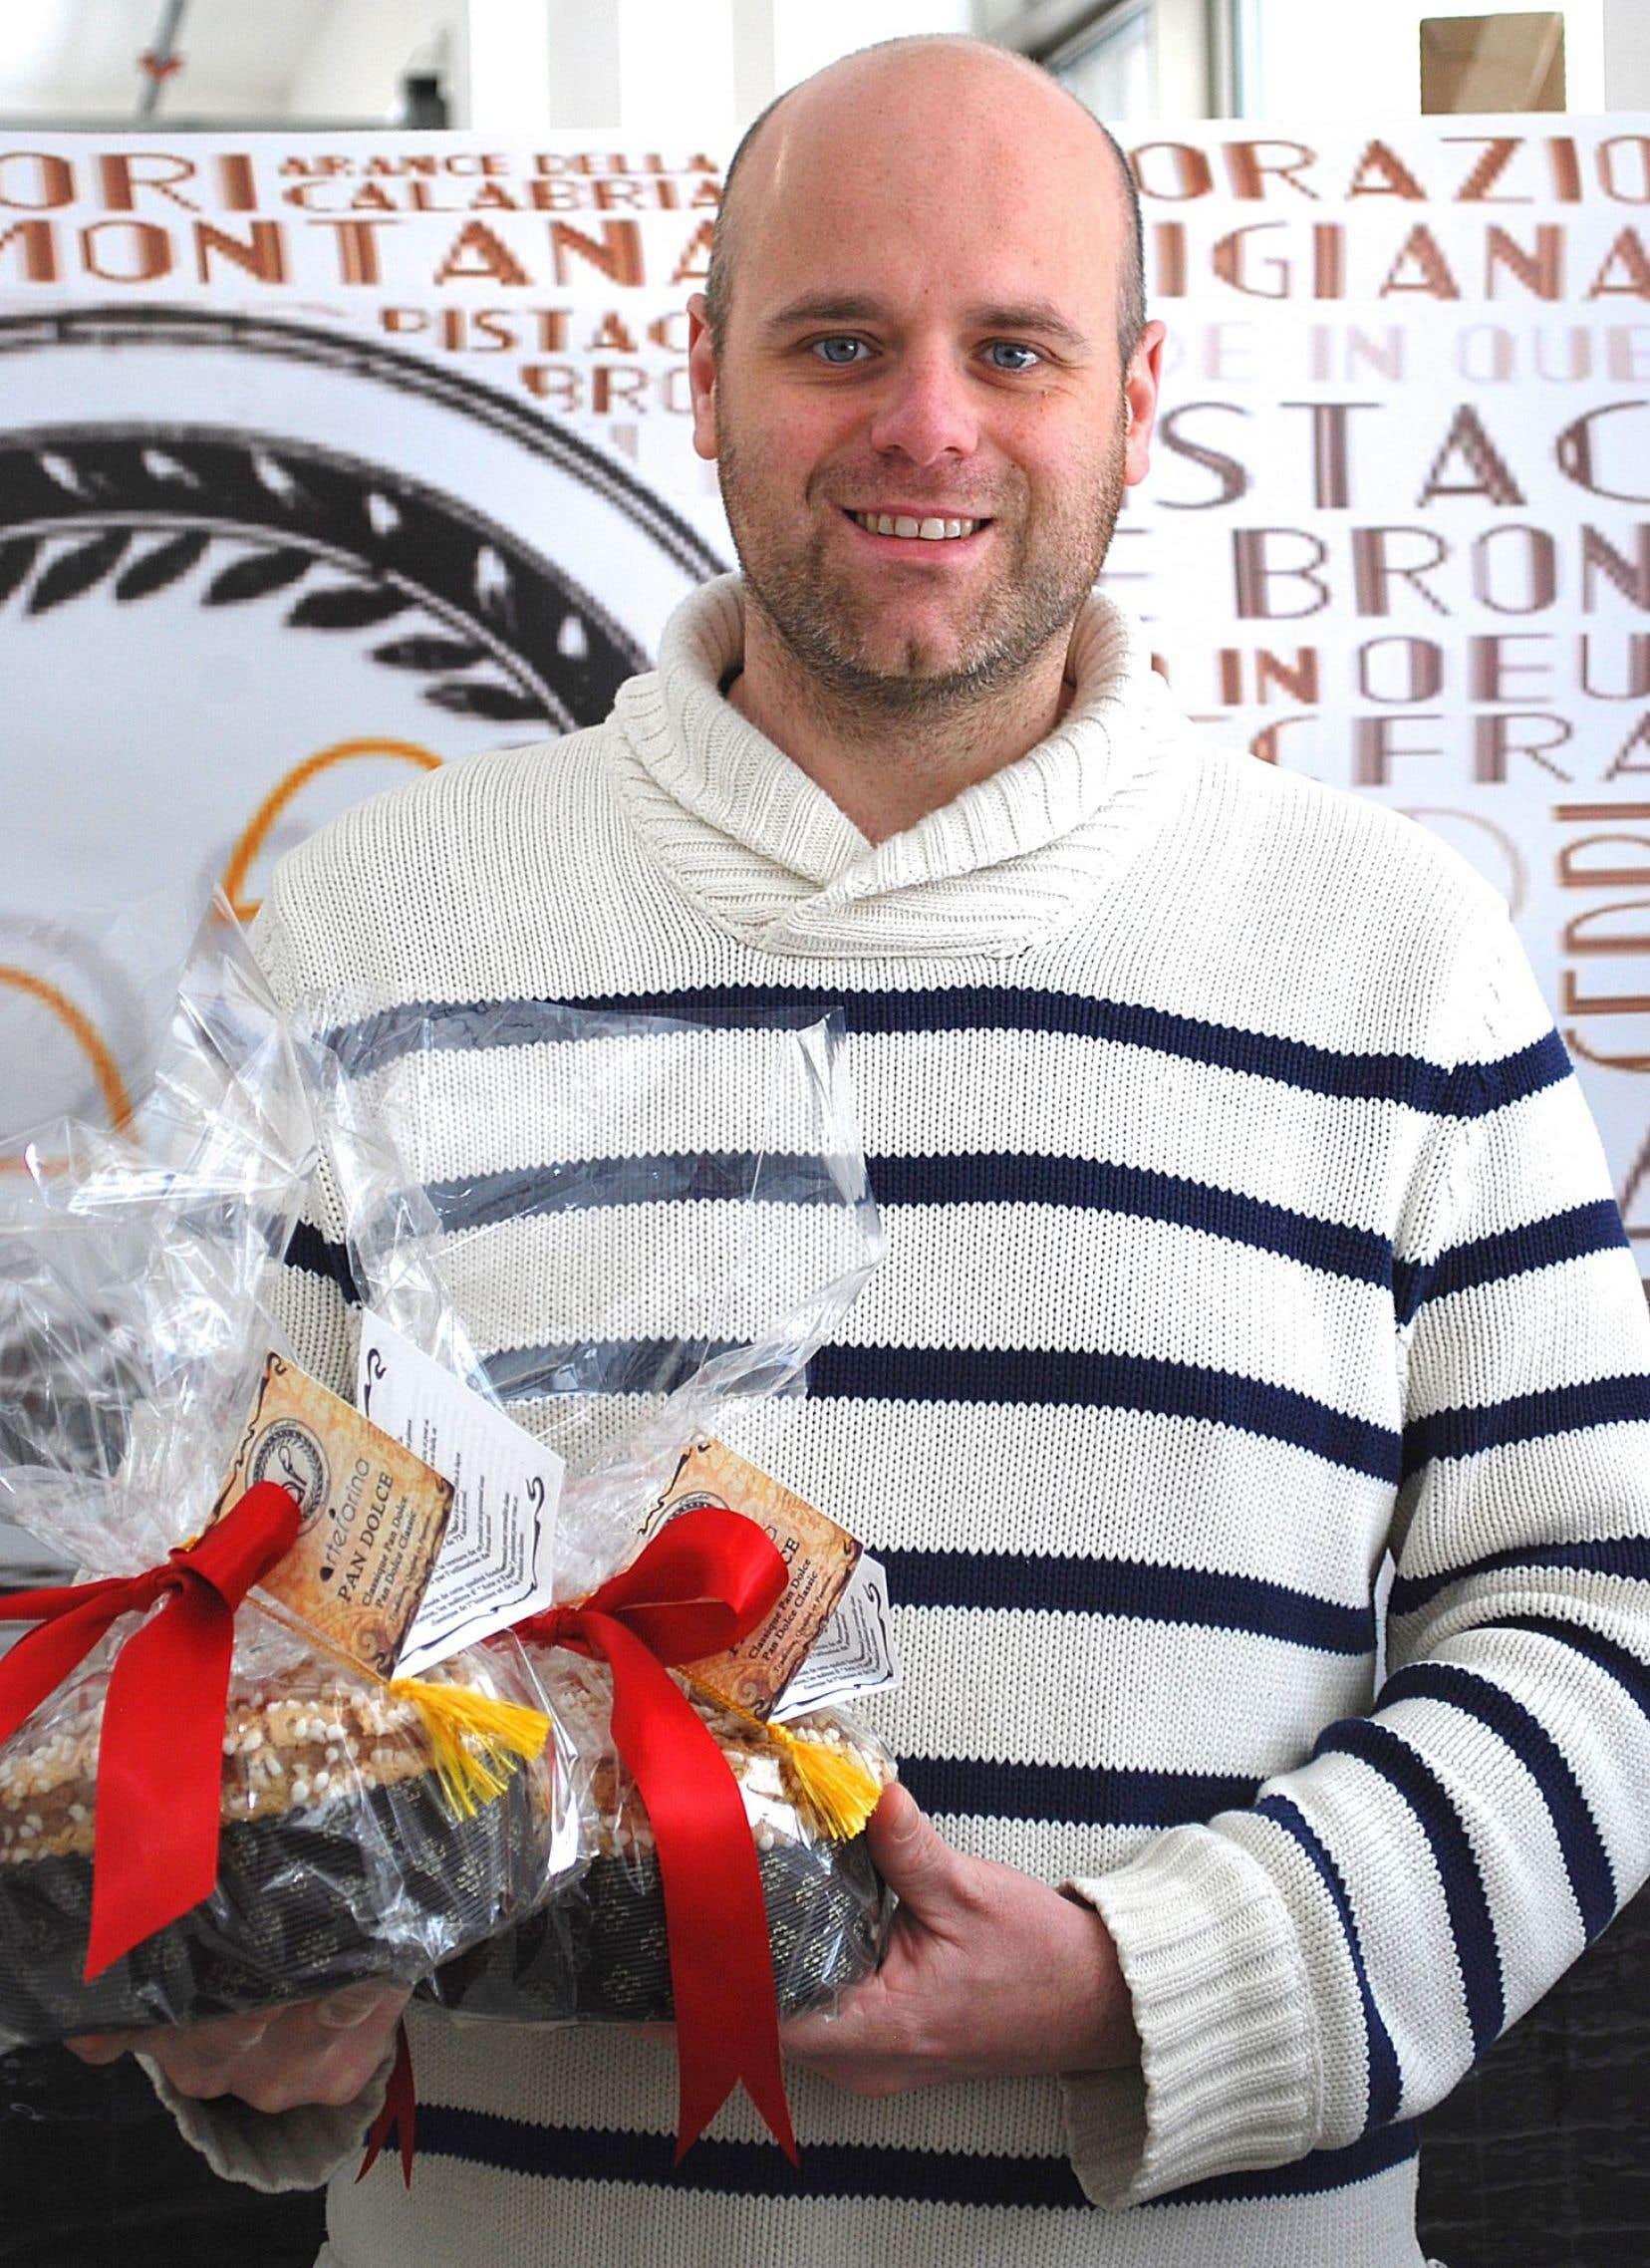 Sandro Carpene, humble et discret, a acquis son expérience auprès des plus grands professionnels italiens de la boulangerie et de la pâtisserie.